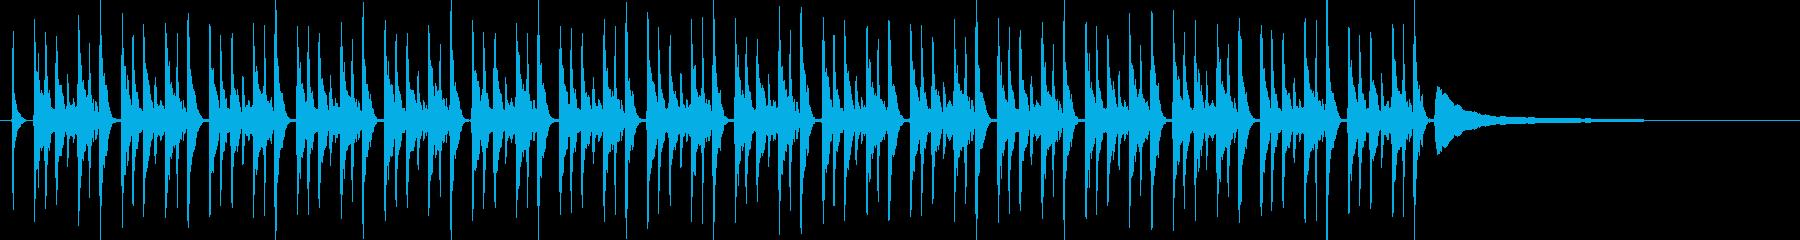 動画の説明をするときのBGMに近い効果音の再生済みの波形